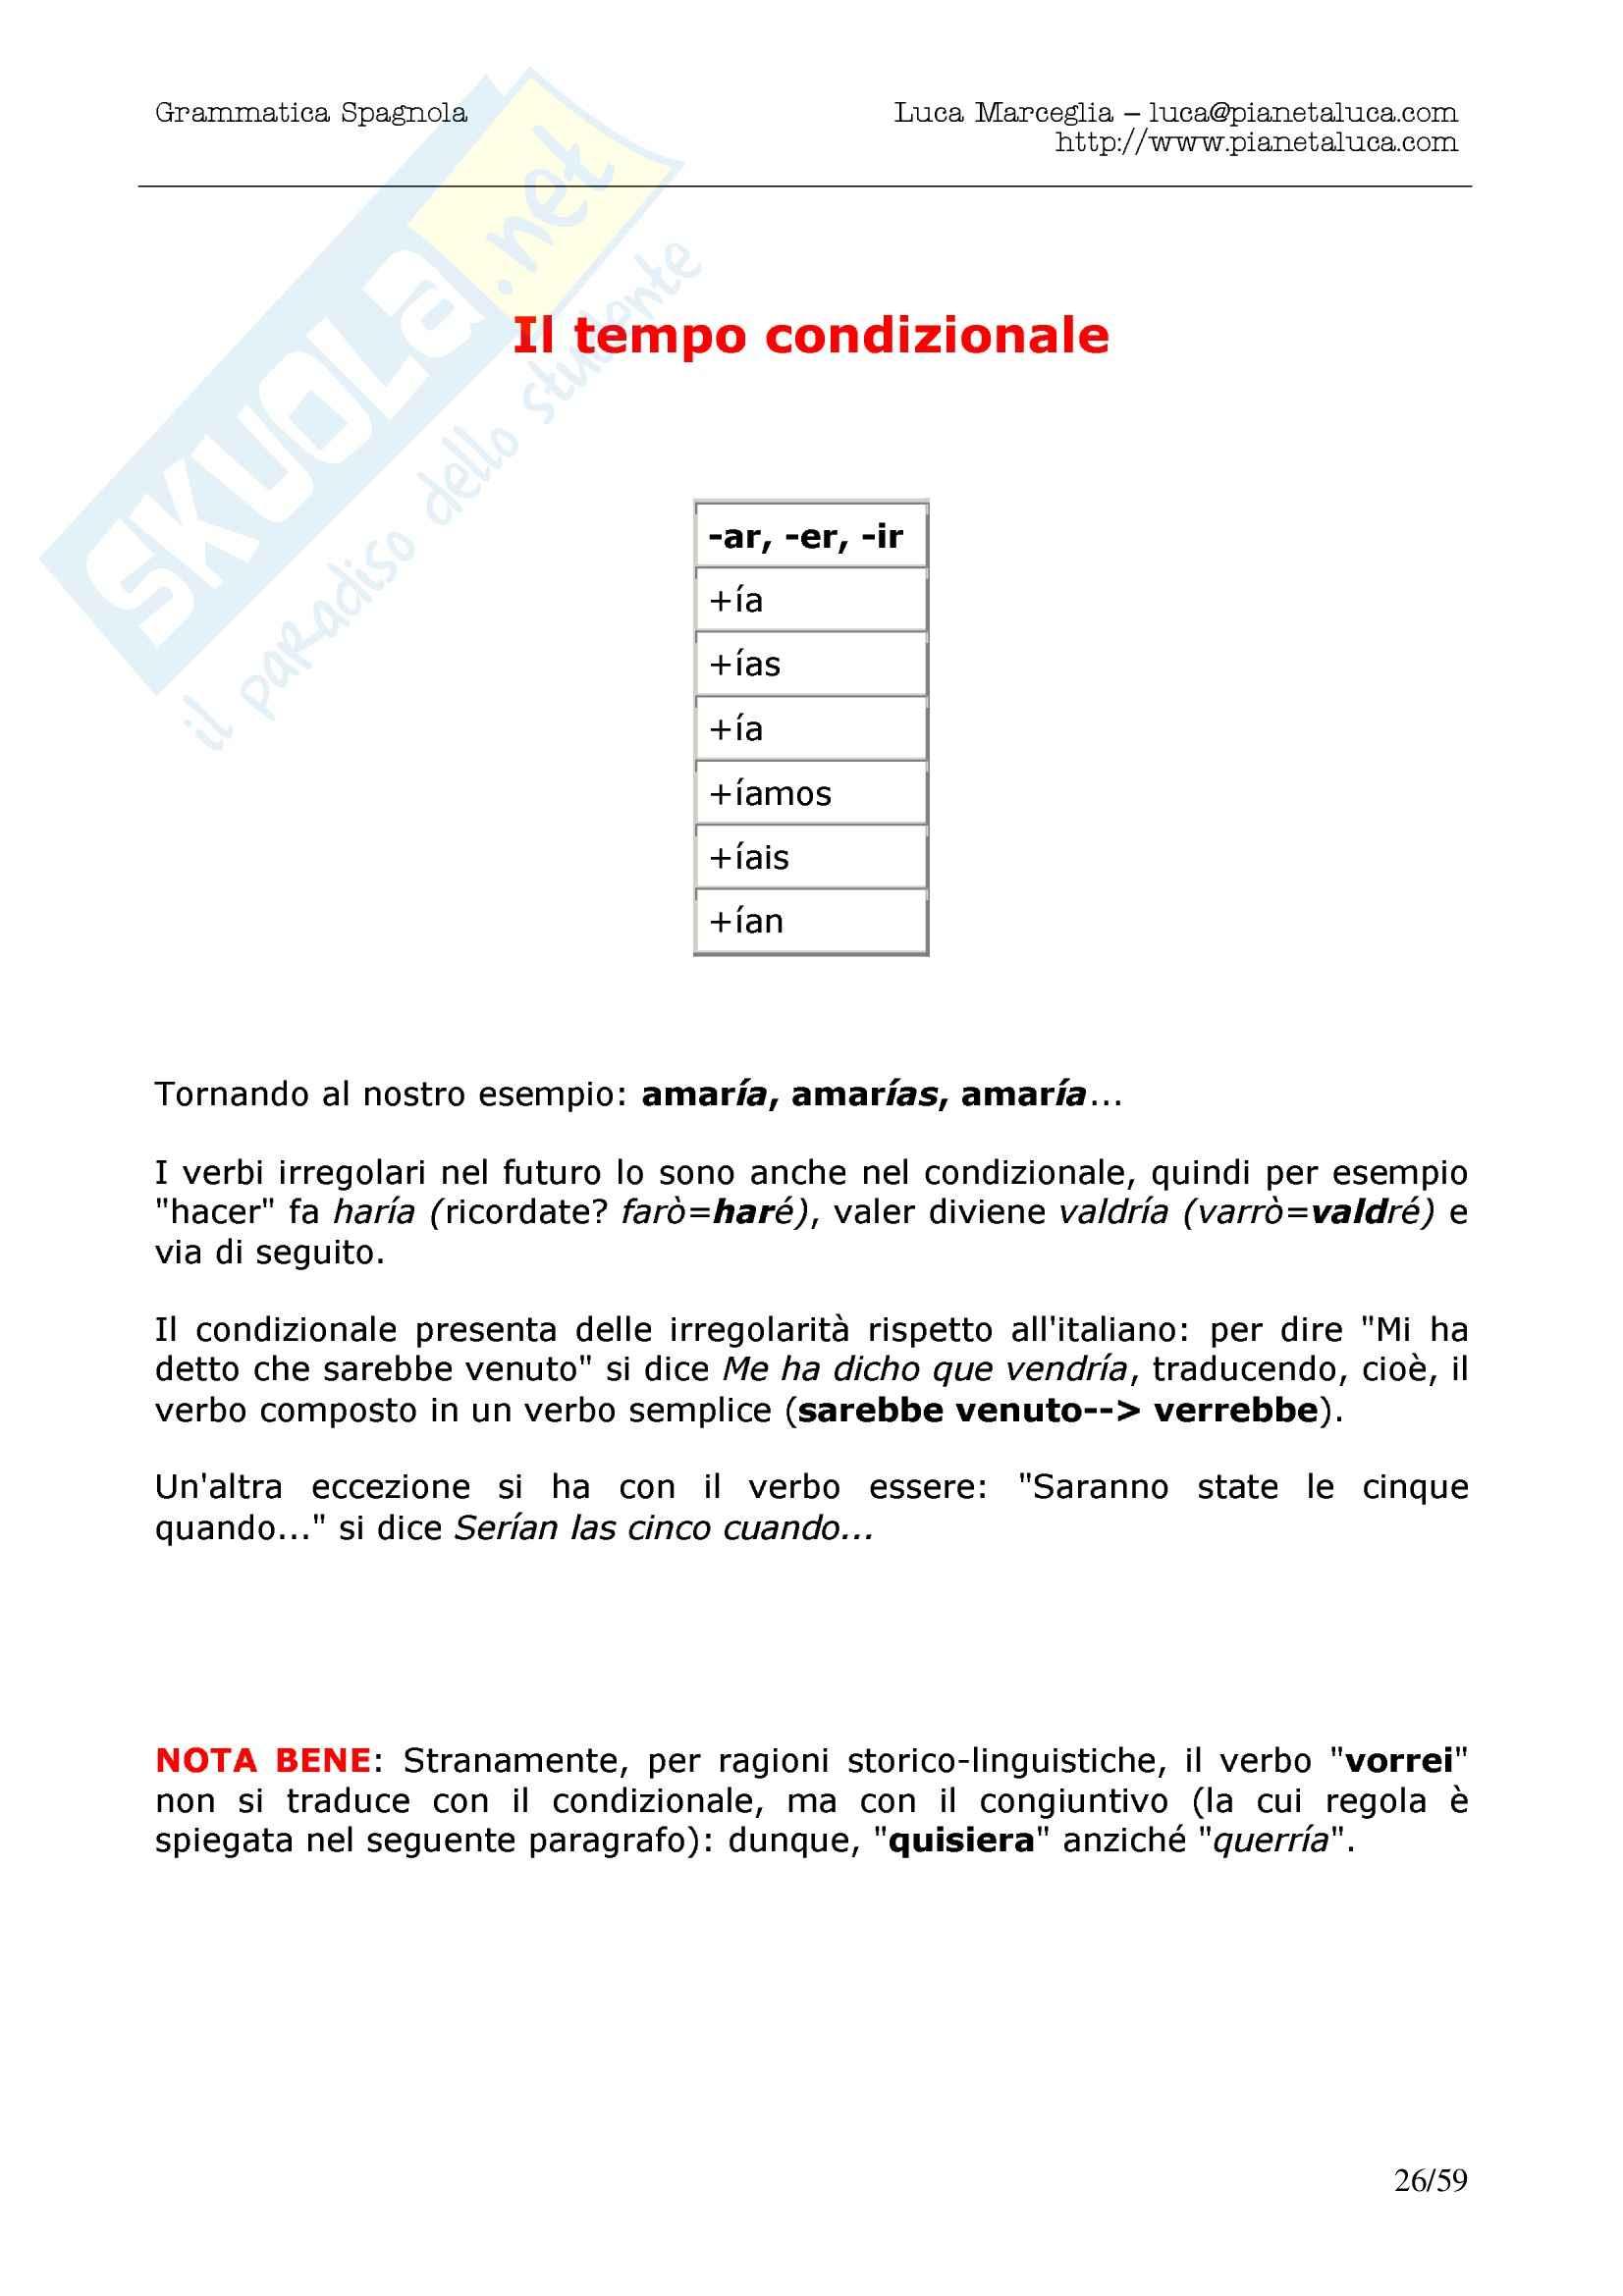 Grammatica spagnola Pag. 26